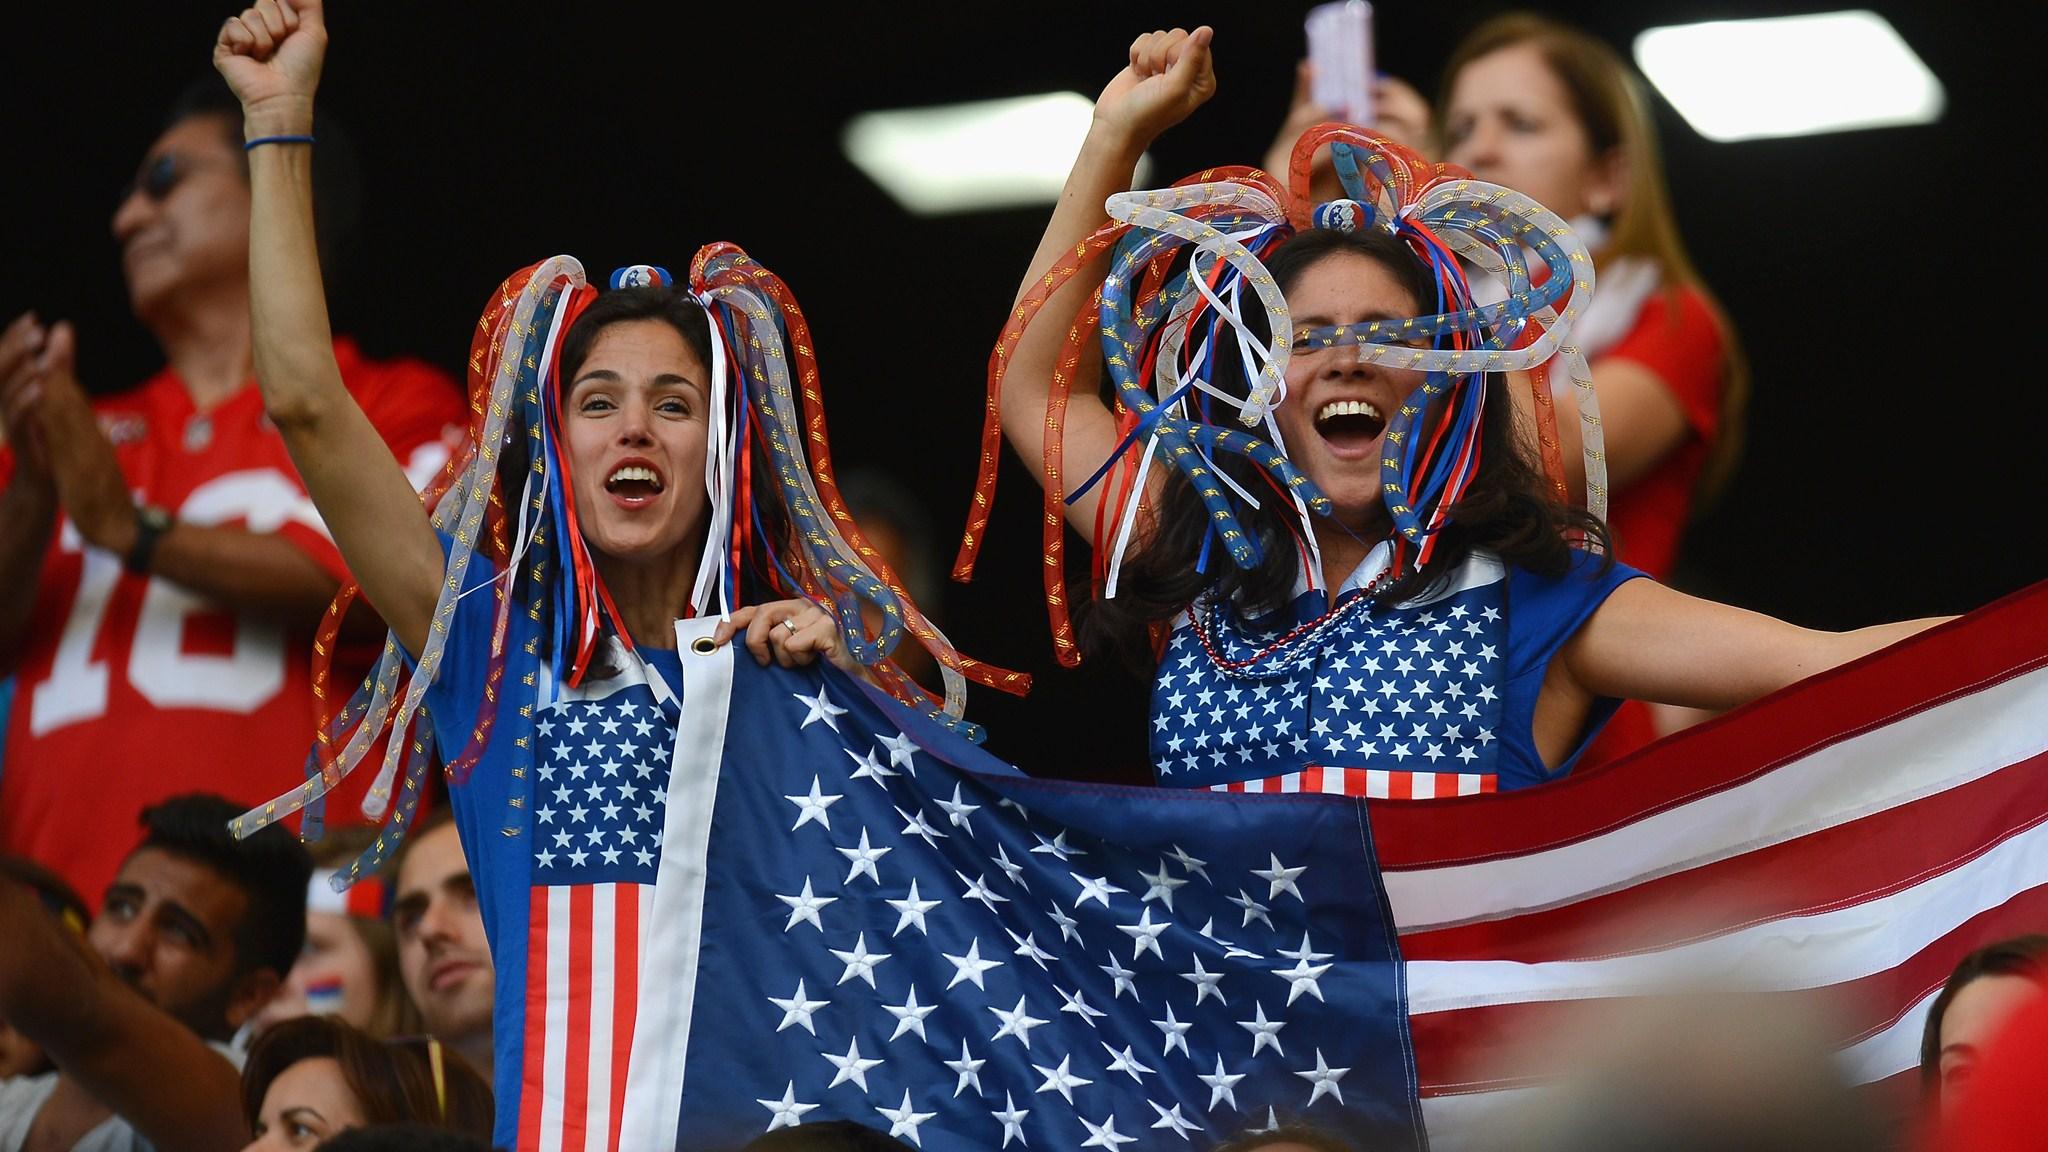 126 - Belgium-USA [2-1 - Belgium win after extra time ] -- 01 Jul 2014 - 17-00 - kuaza